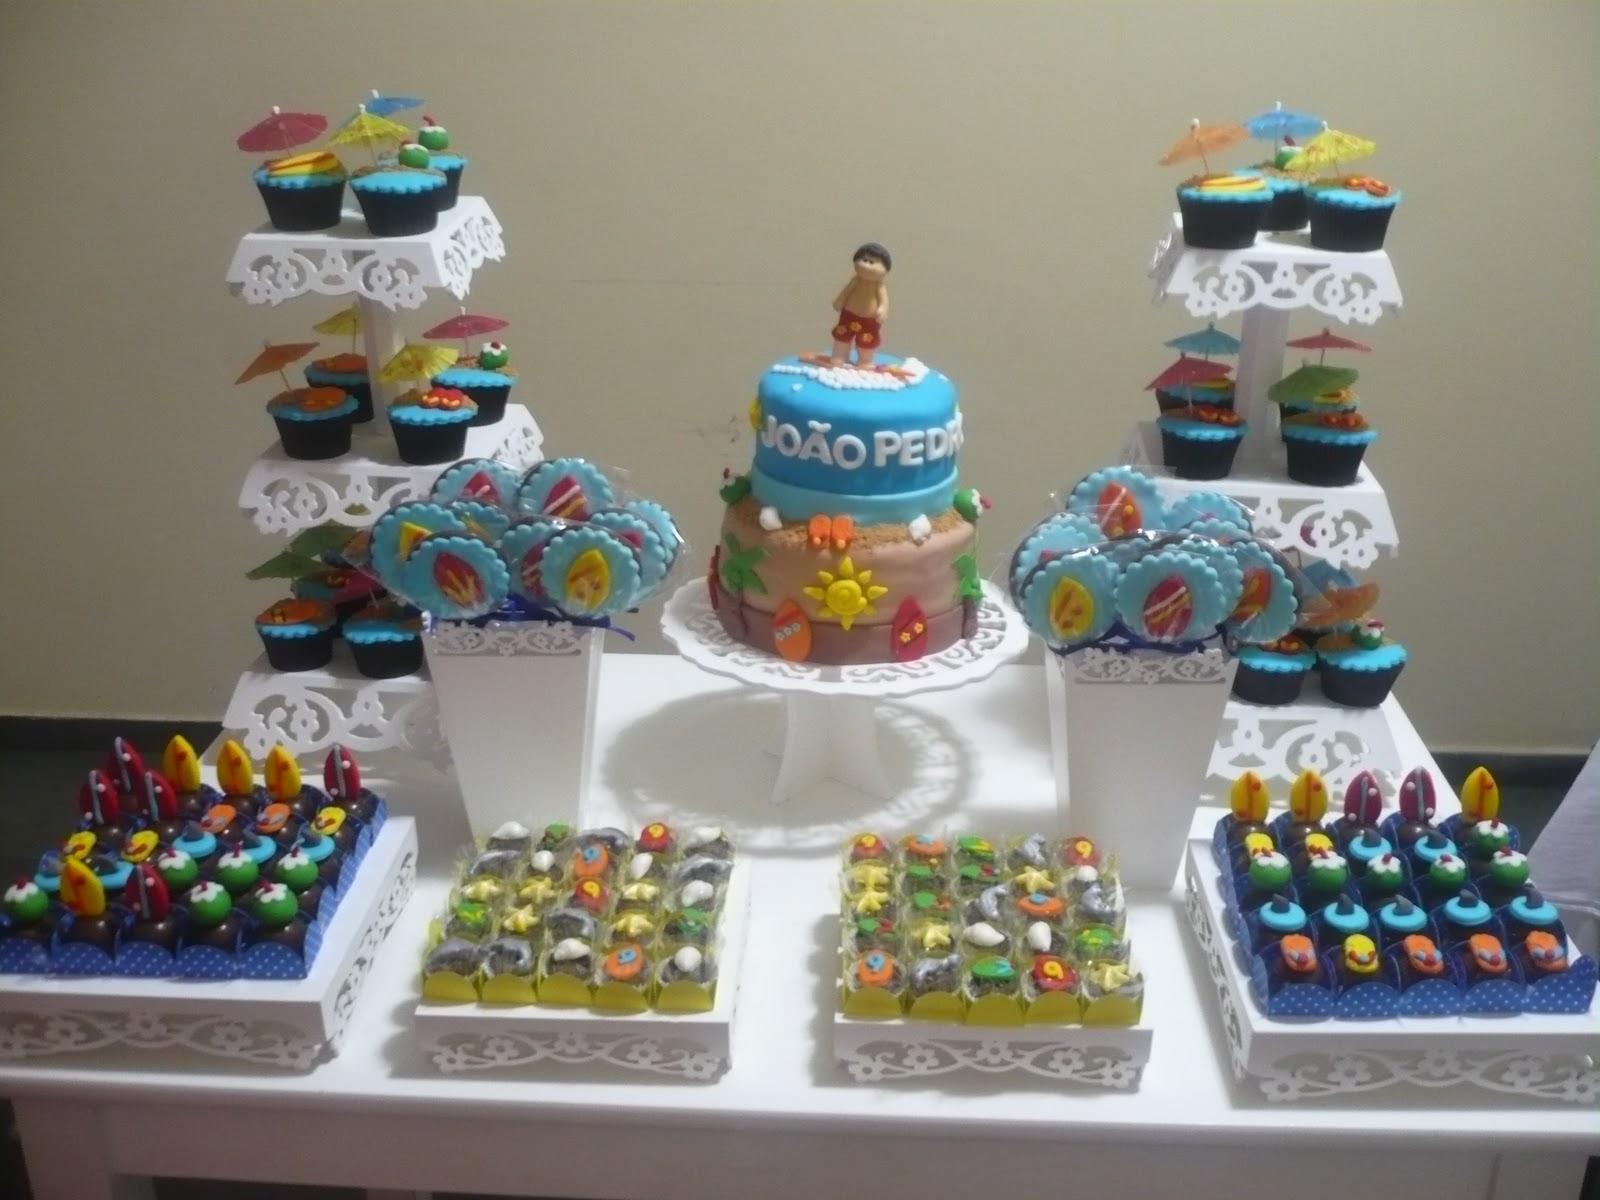 doces decorados surf bolo cupcake trufa pirulito de chocolate brigadeiro